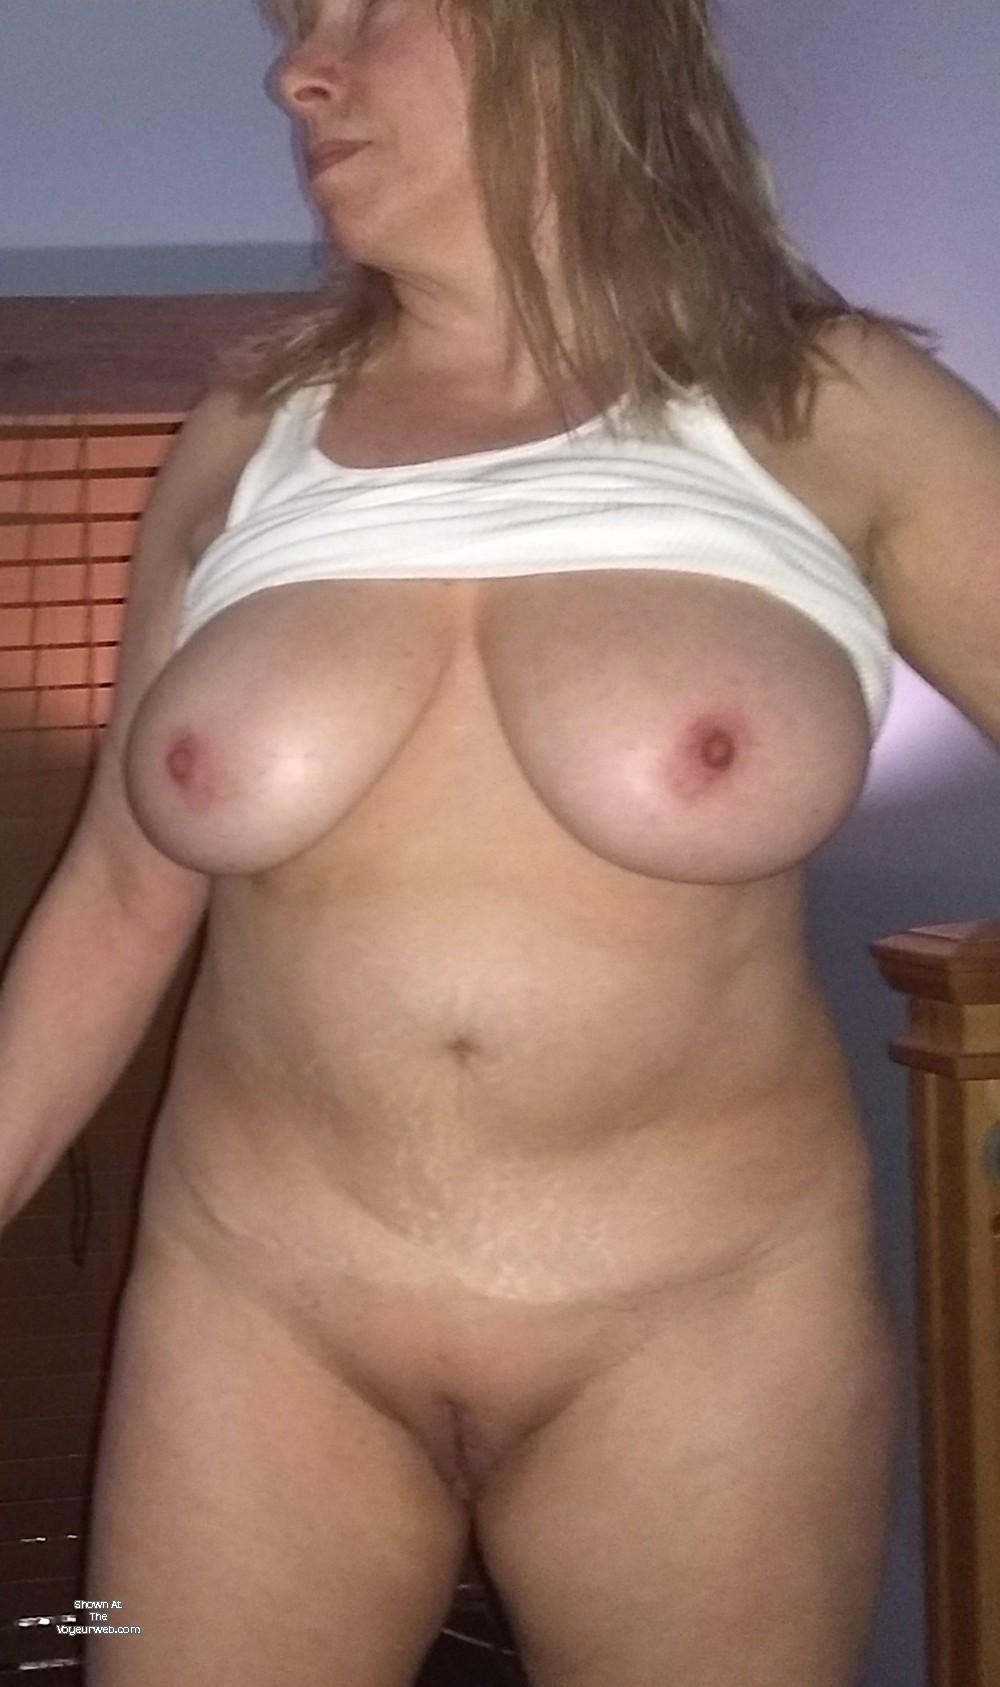 32ddd tits